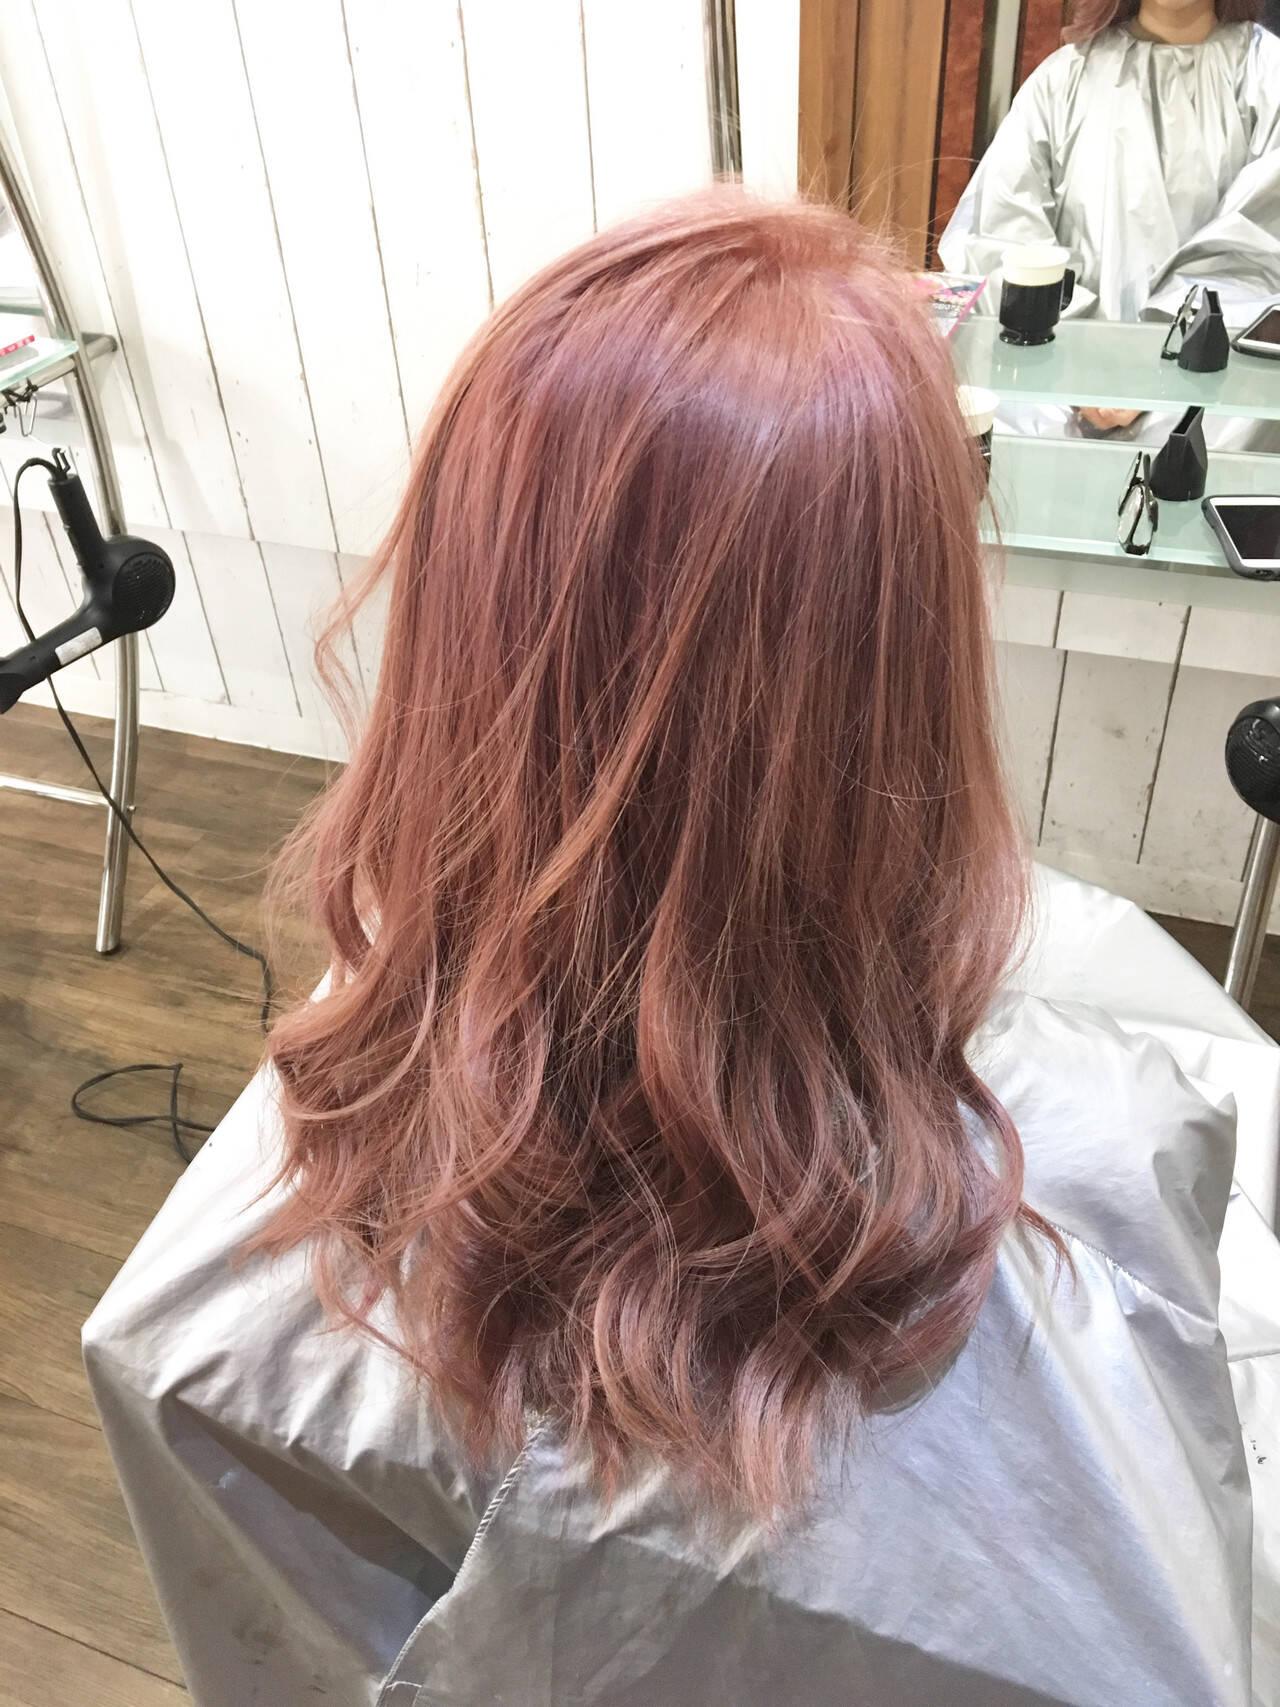 ナチュラル 外国人風カラー ピンクベージュ ブリーチヘアスタイルや髪型の写真・画像